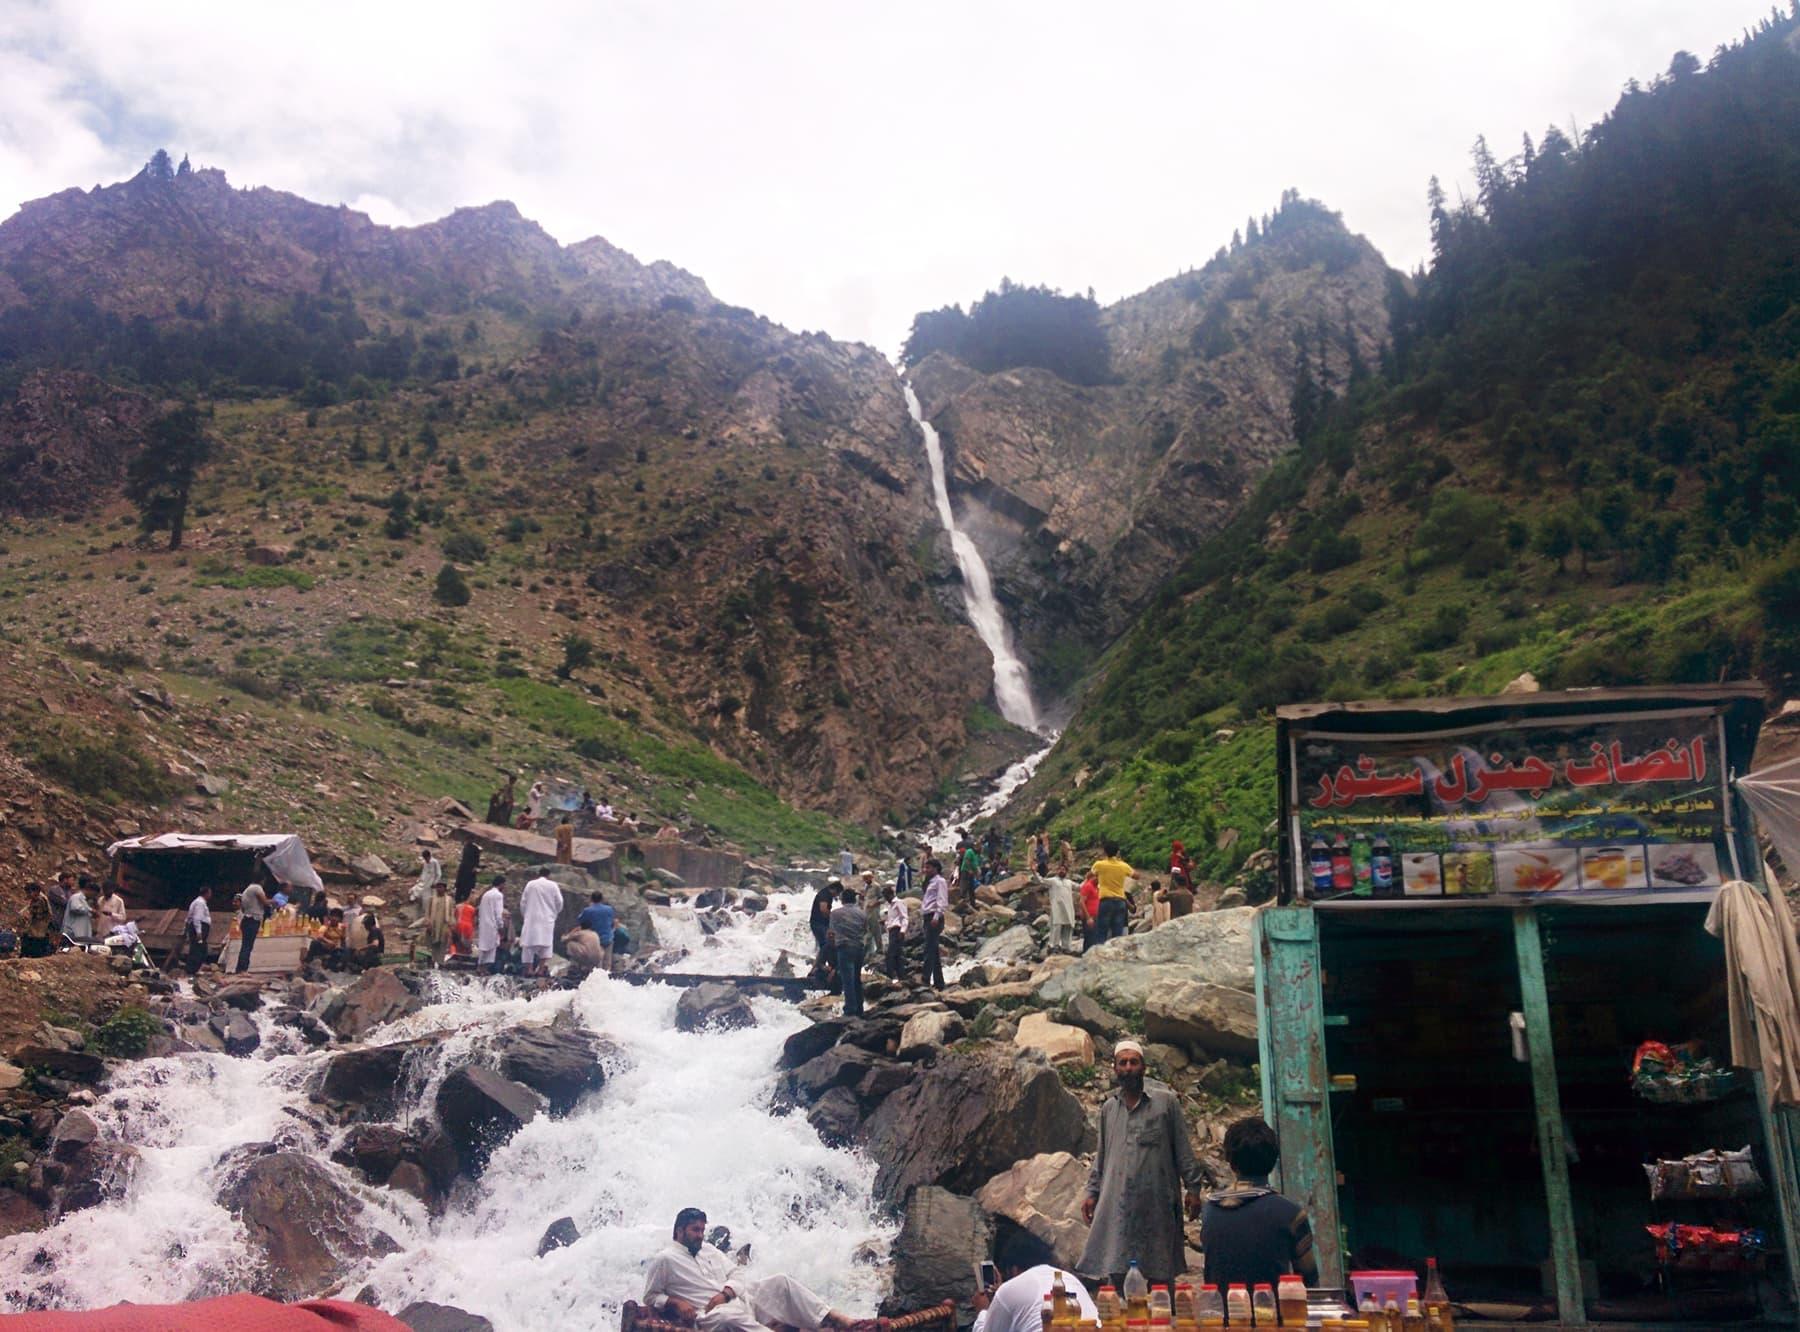 People having fun at a waterfall between Kalam and Mahodand.